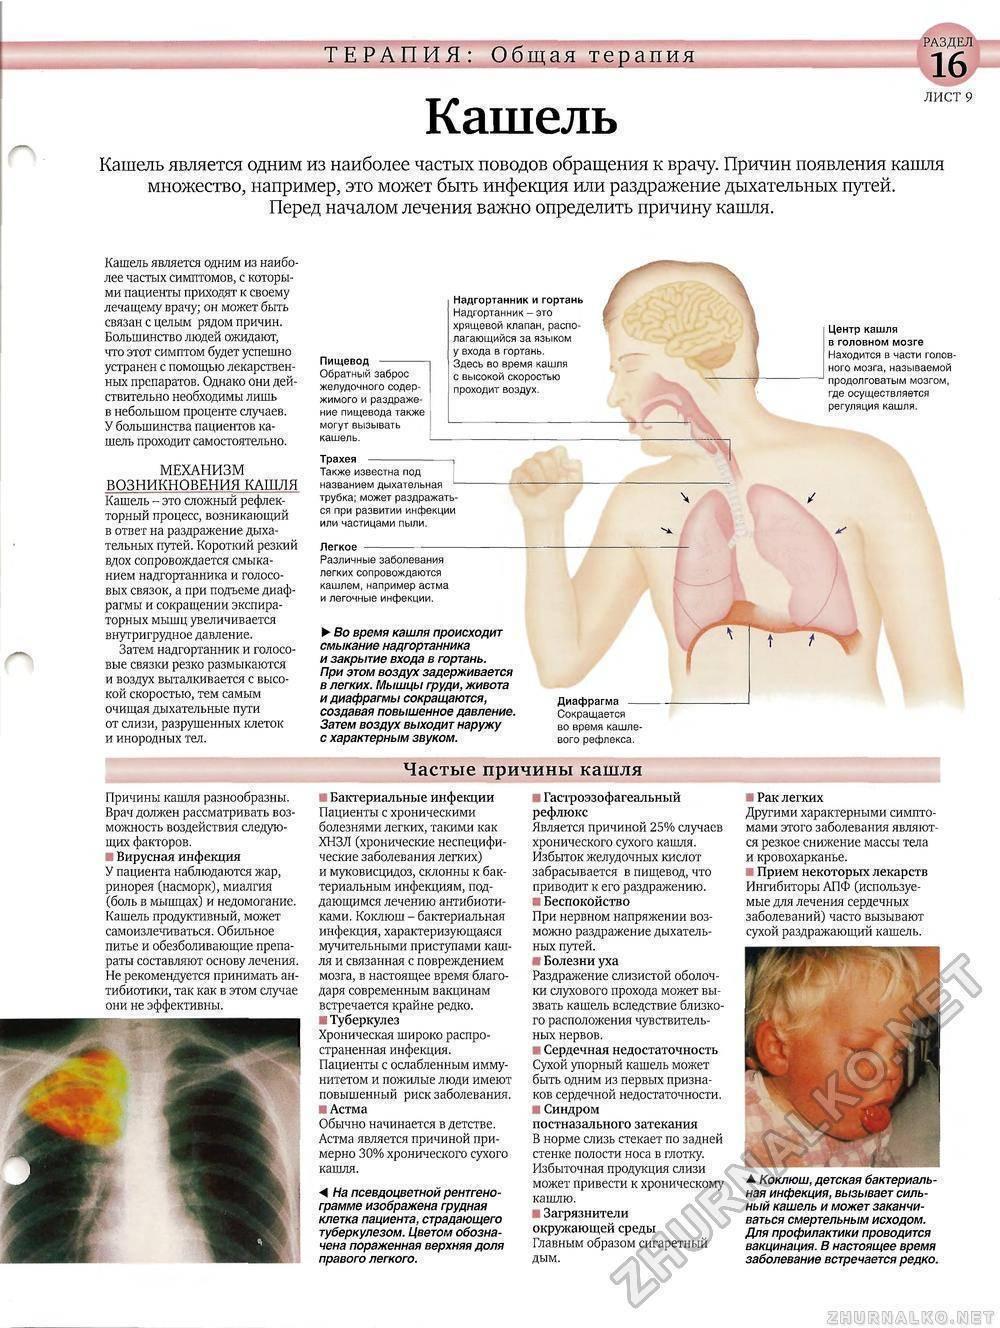 Желудочный кашель как симптом патологий жкт